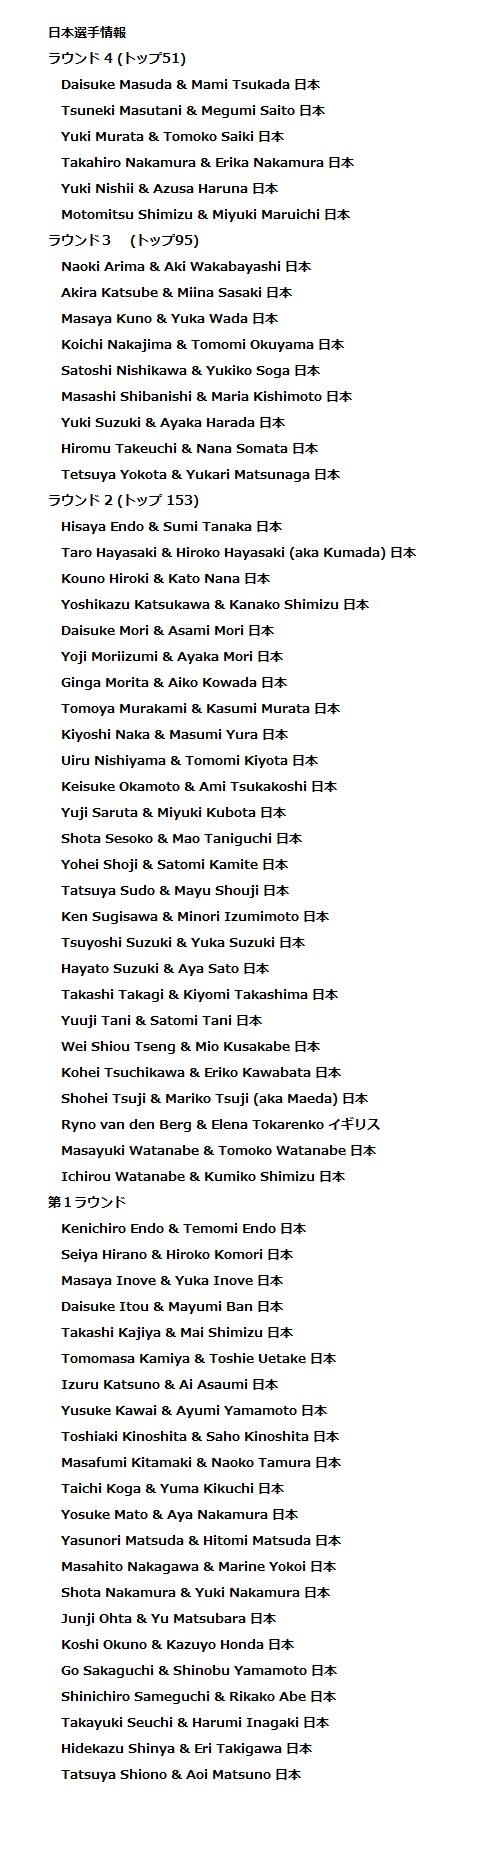 ブラックプール2016 プロライジングラテン 日本選手結果一覧